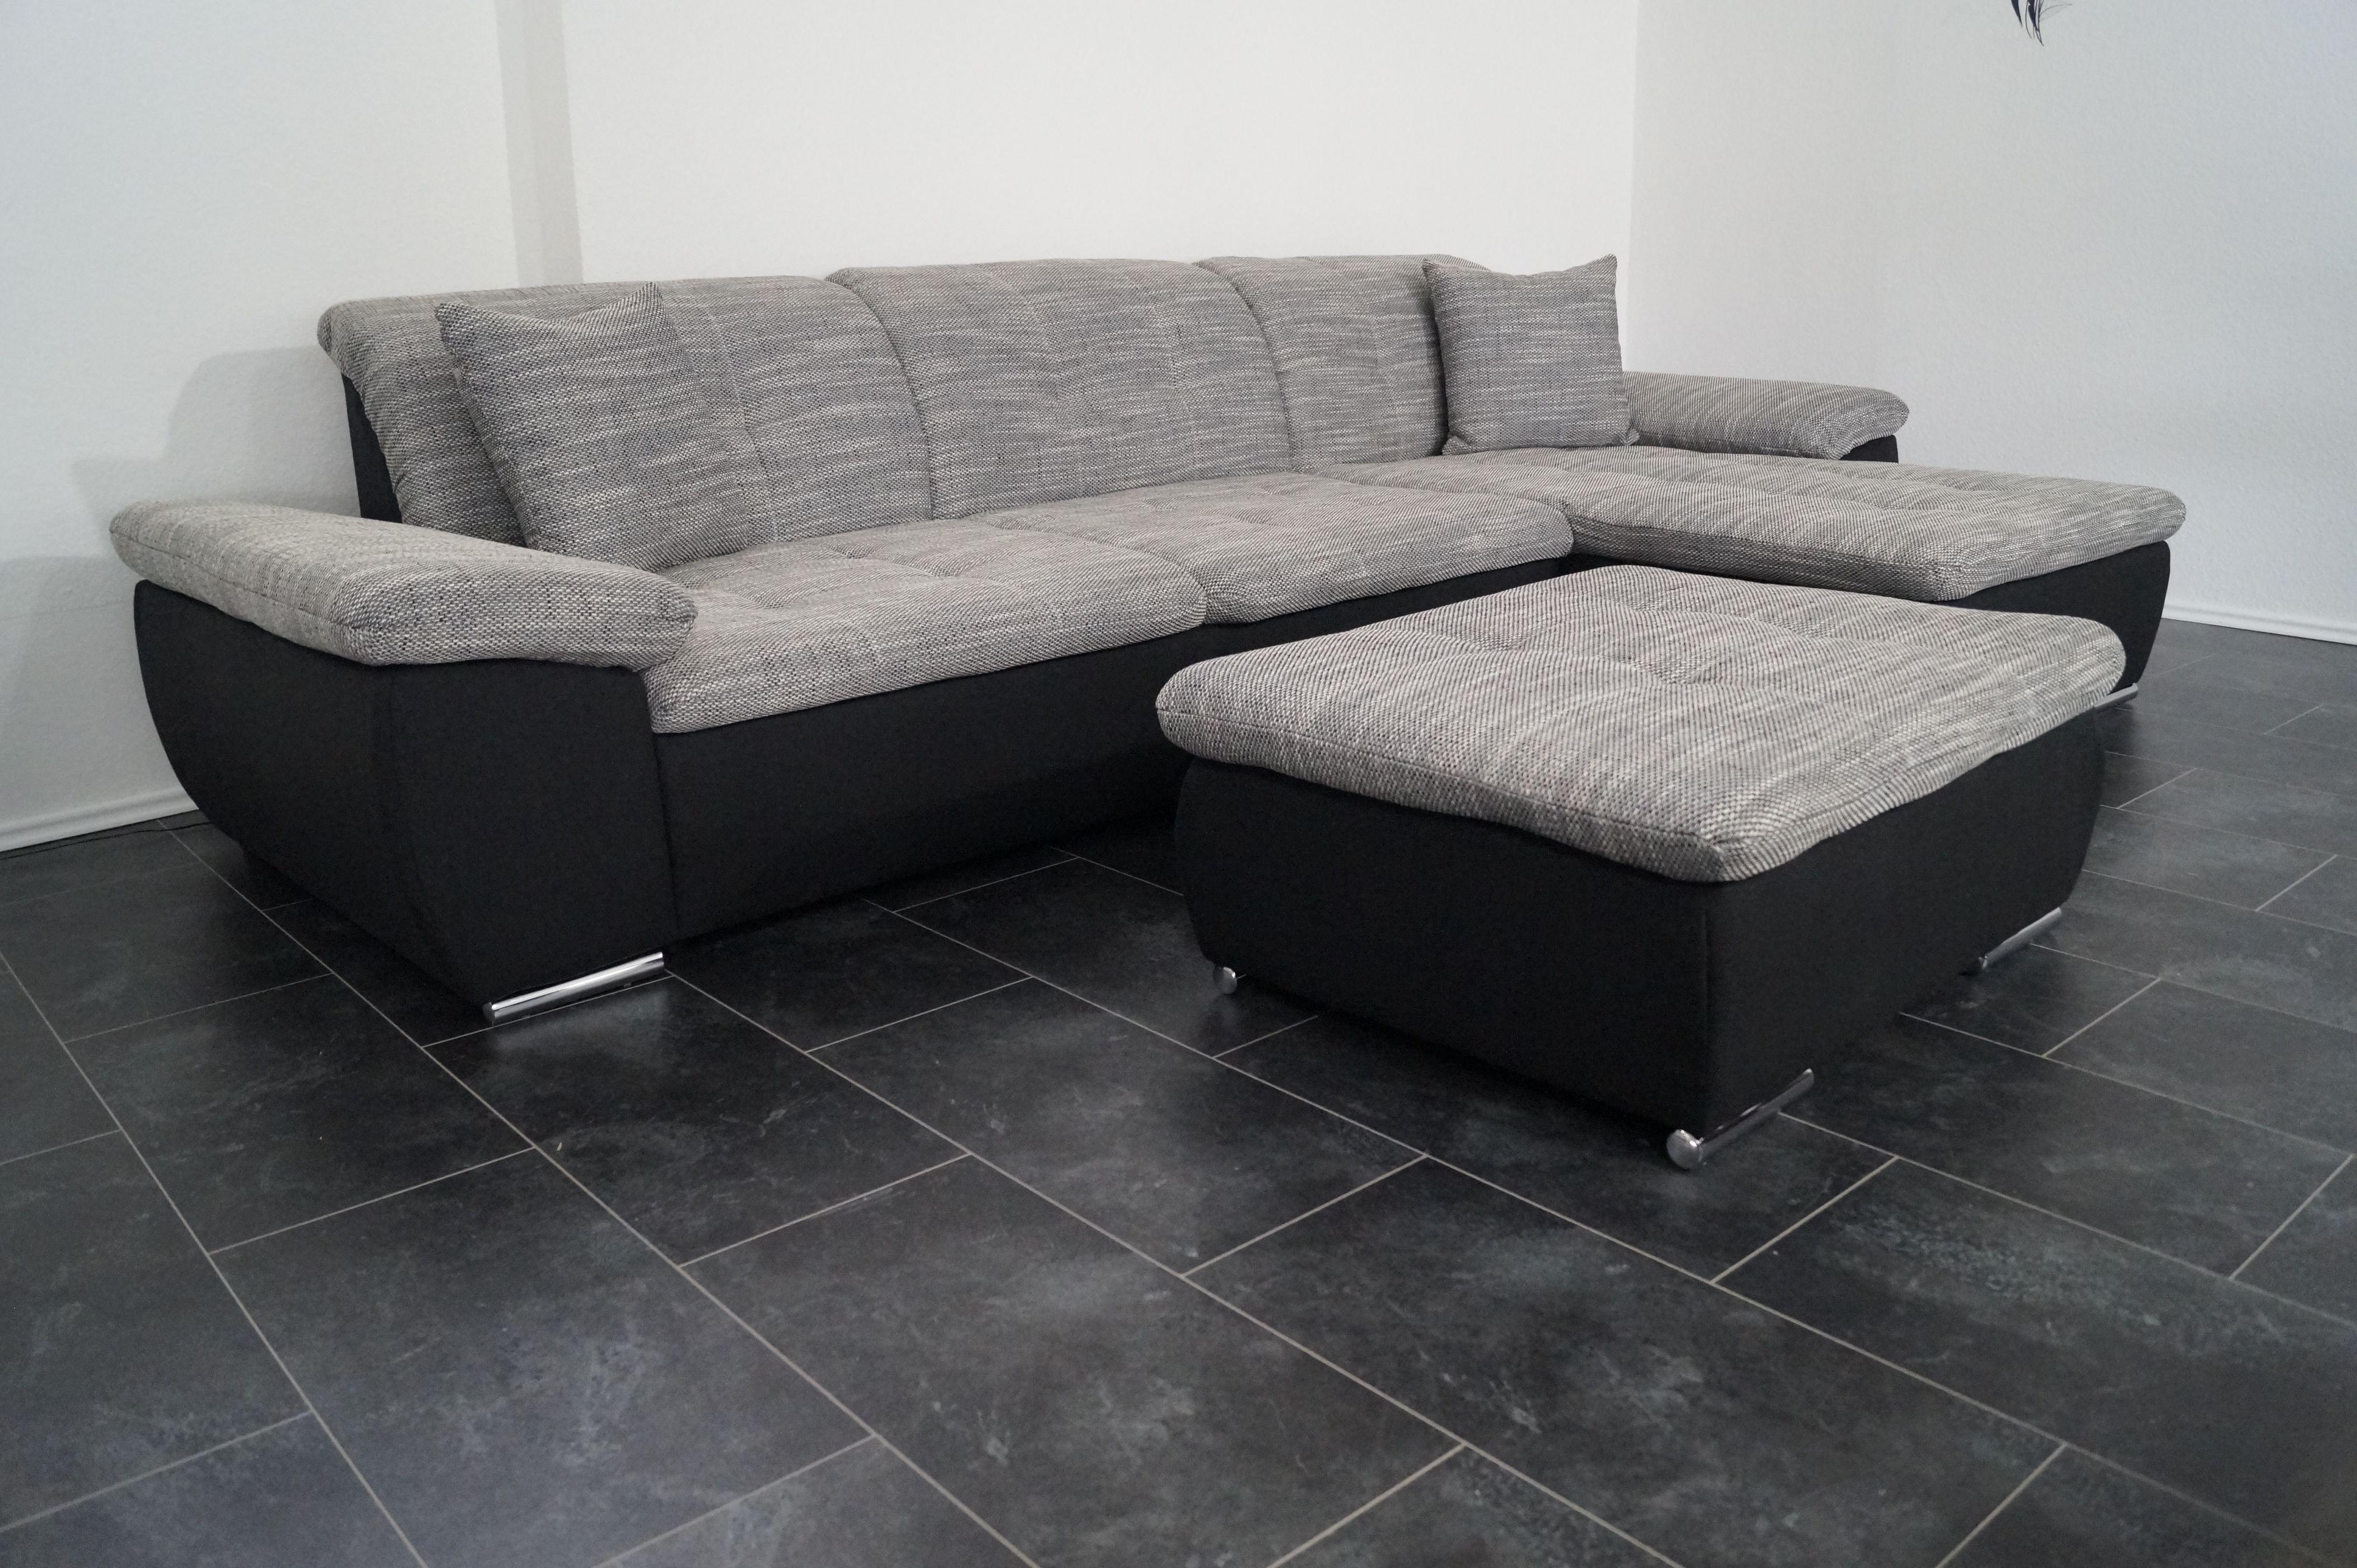 Malerisch Sofa Billig Kaufen Foto Von Www.sofa-günstig-kaufen.de Möbel Sofort Auf Lager !